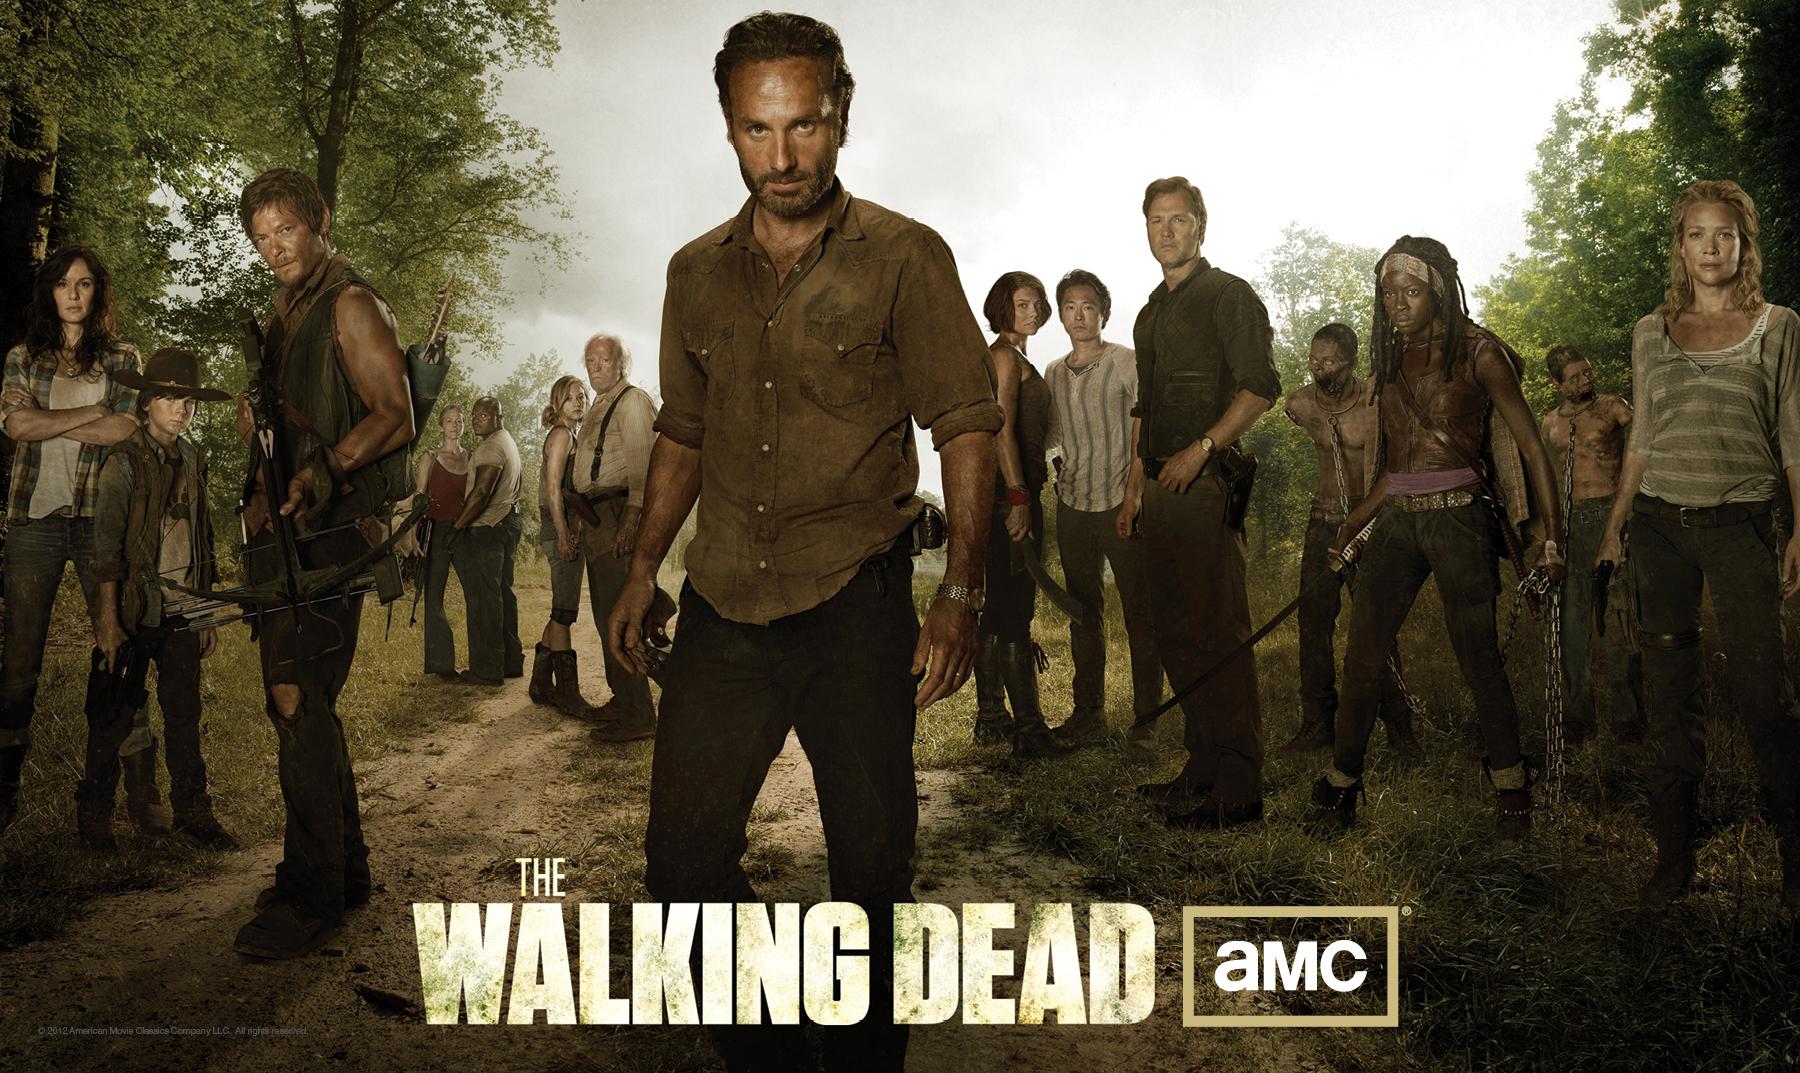 Muitas mortes em The Walking Dead? Quais personagens são mais indispensáveis no momento?